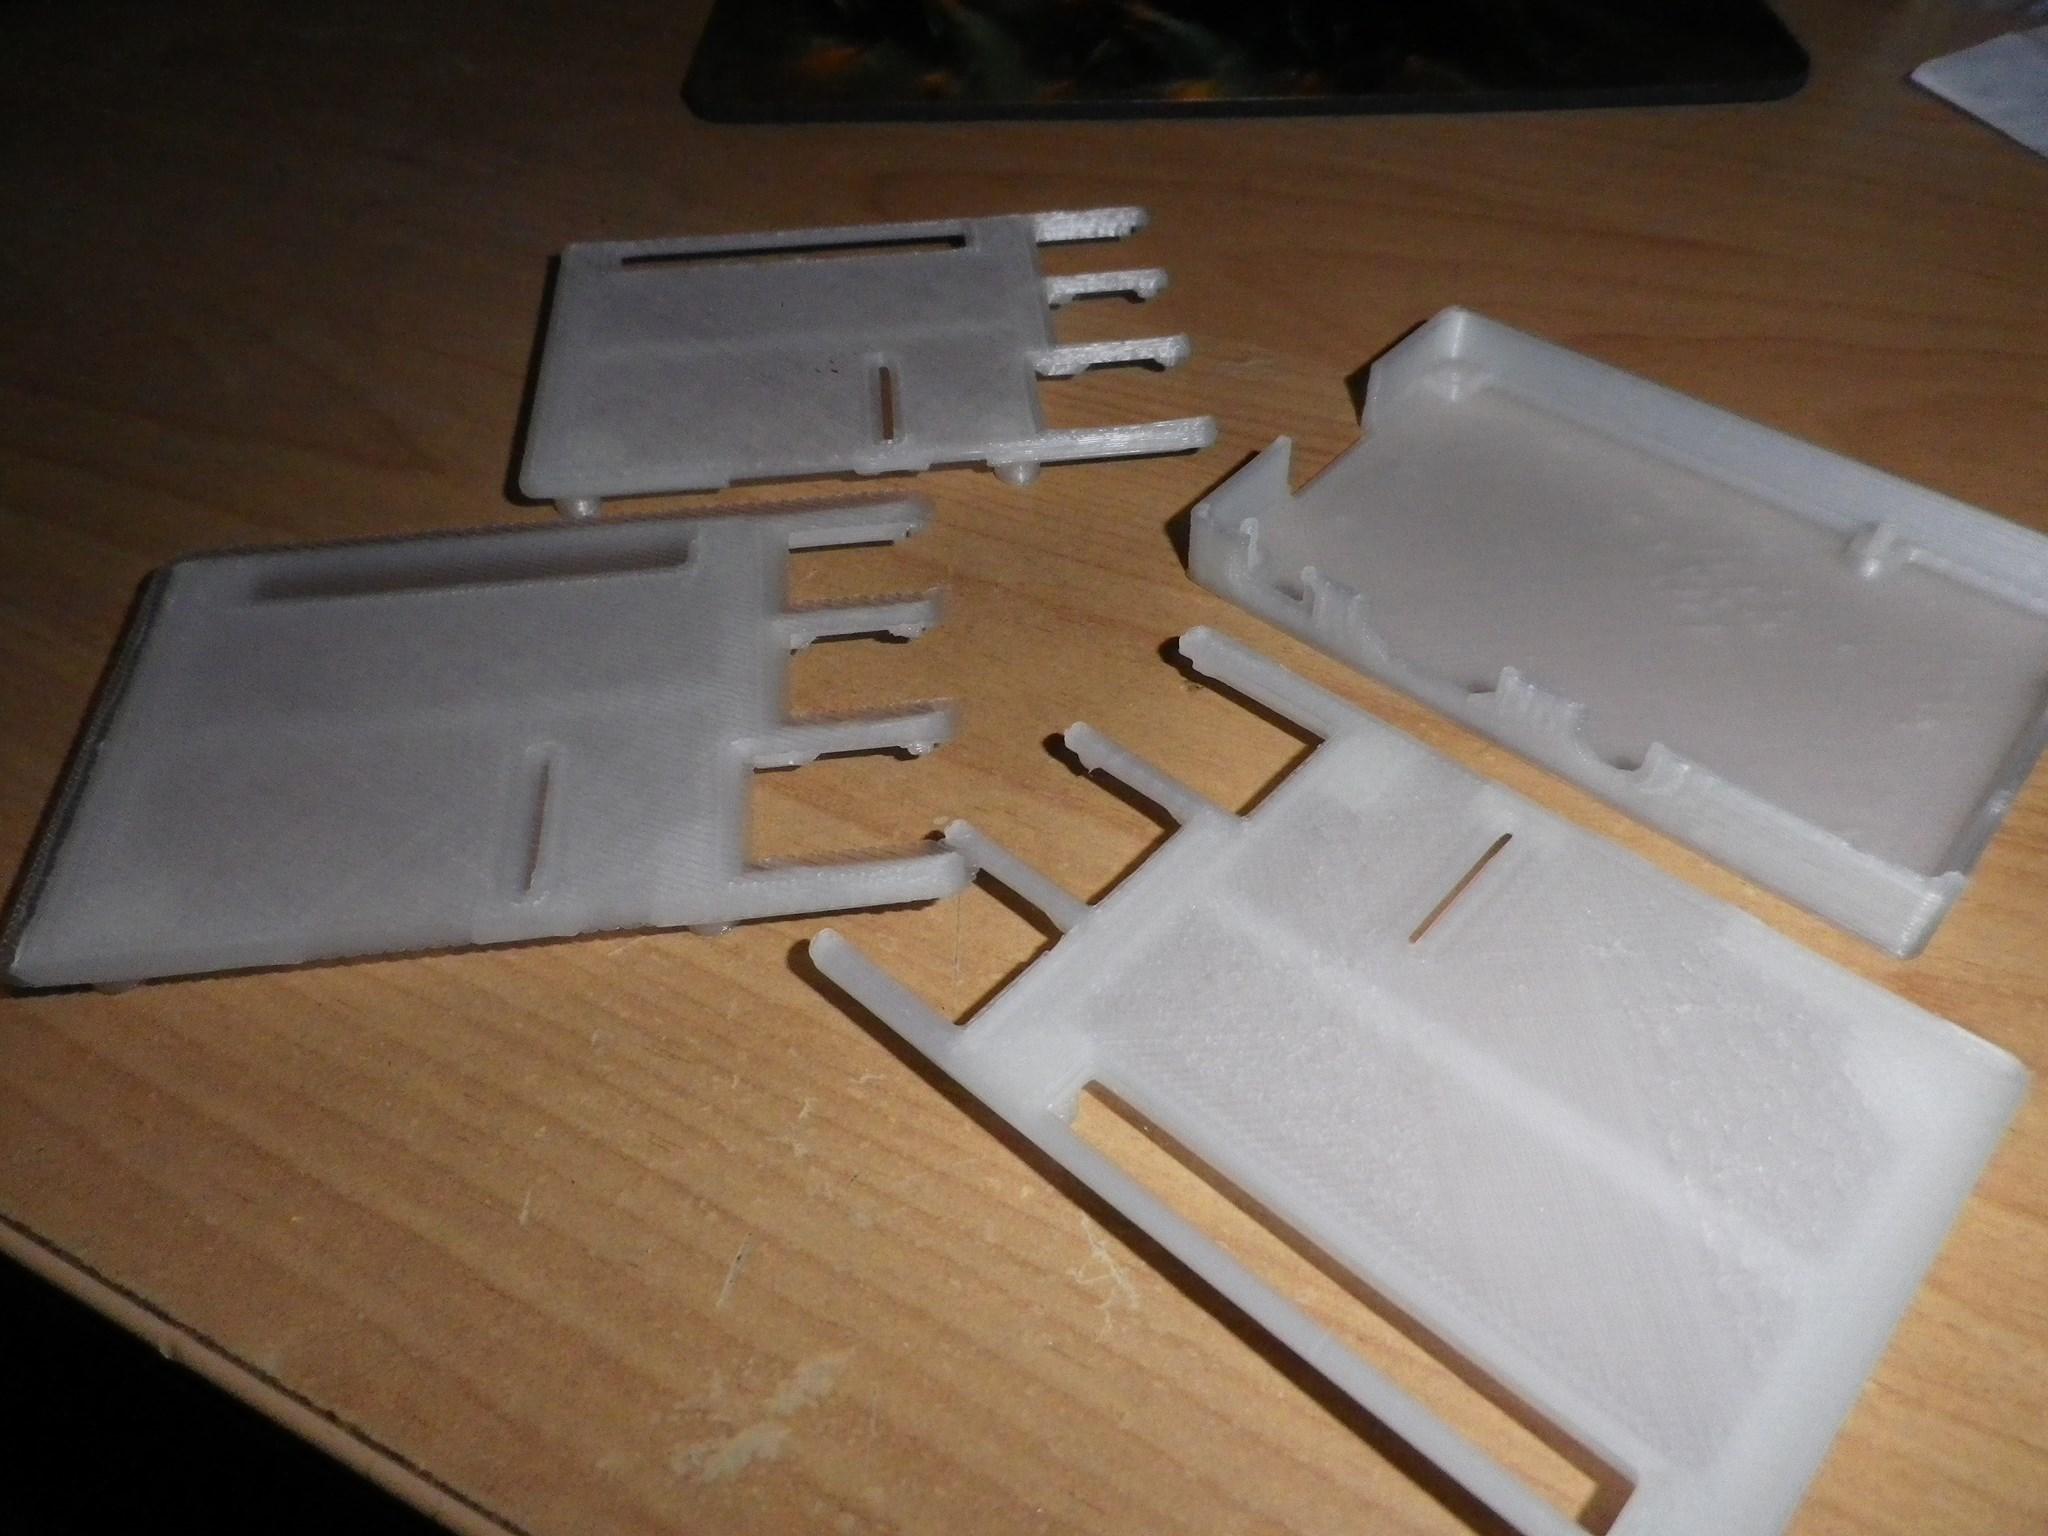 raspeberrypi-case-3d-print-tachov_2